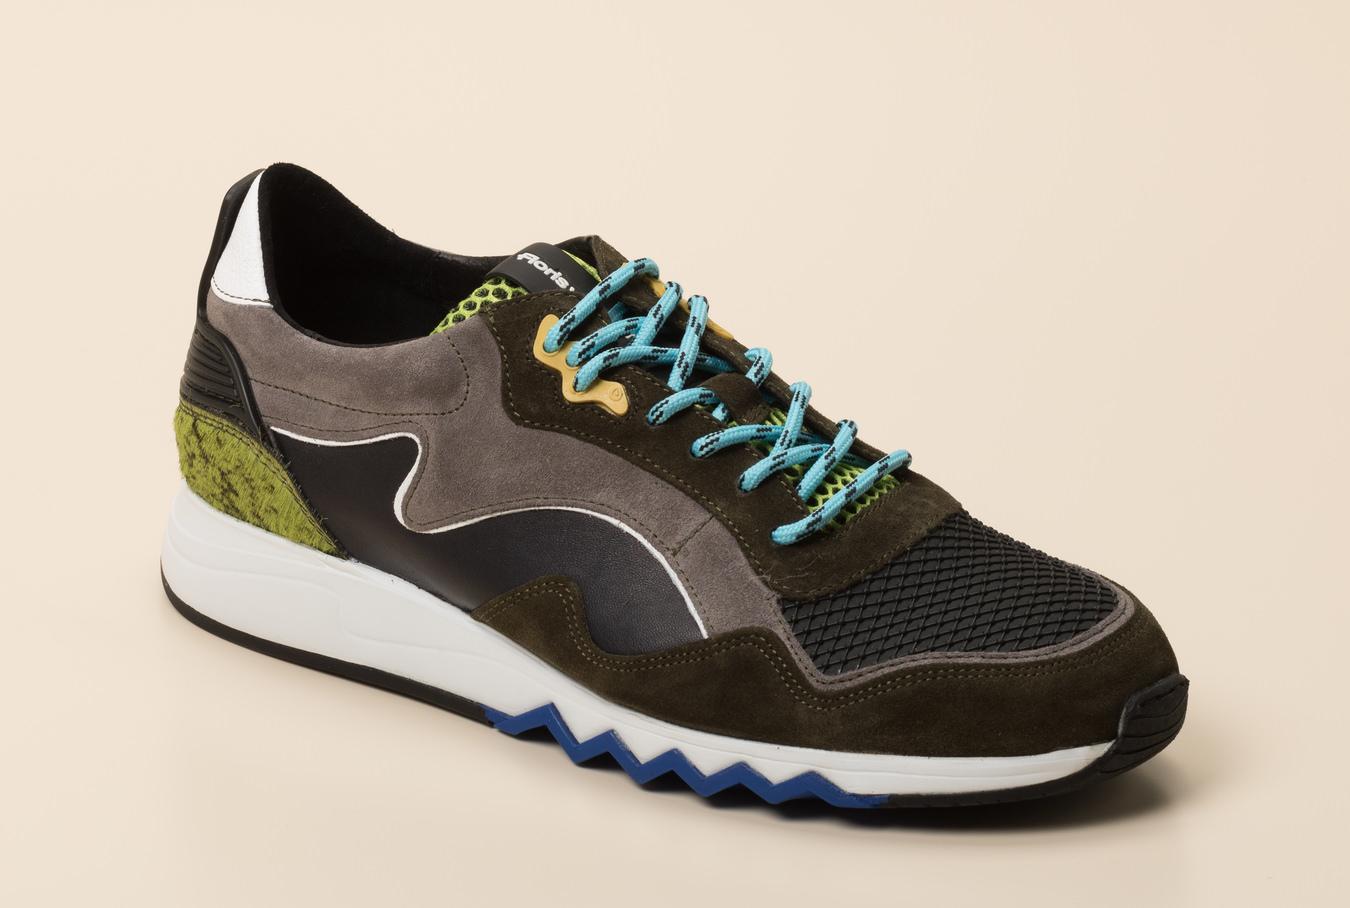 billiger Verkauf am besten geliebt großer Abverkauf Floris van Bommel Herren Sneaker in multi kaufen | Zumnorde Online-Shop